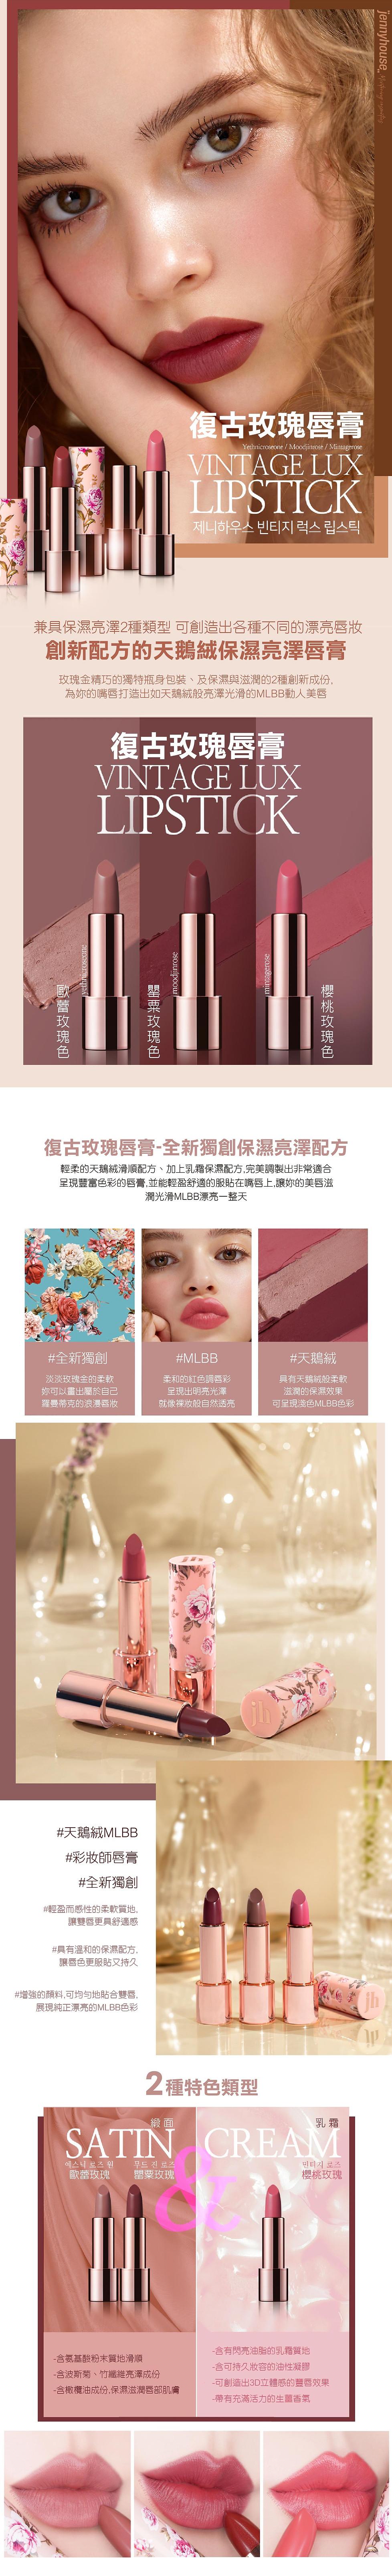 韓國化妝品網站長圖-5-01.jpg